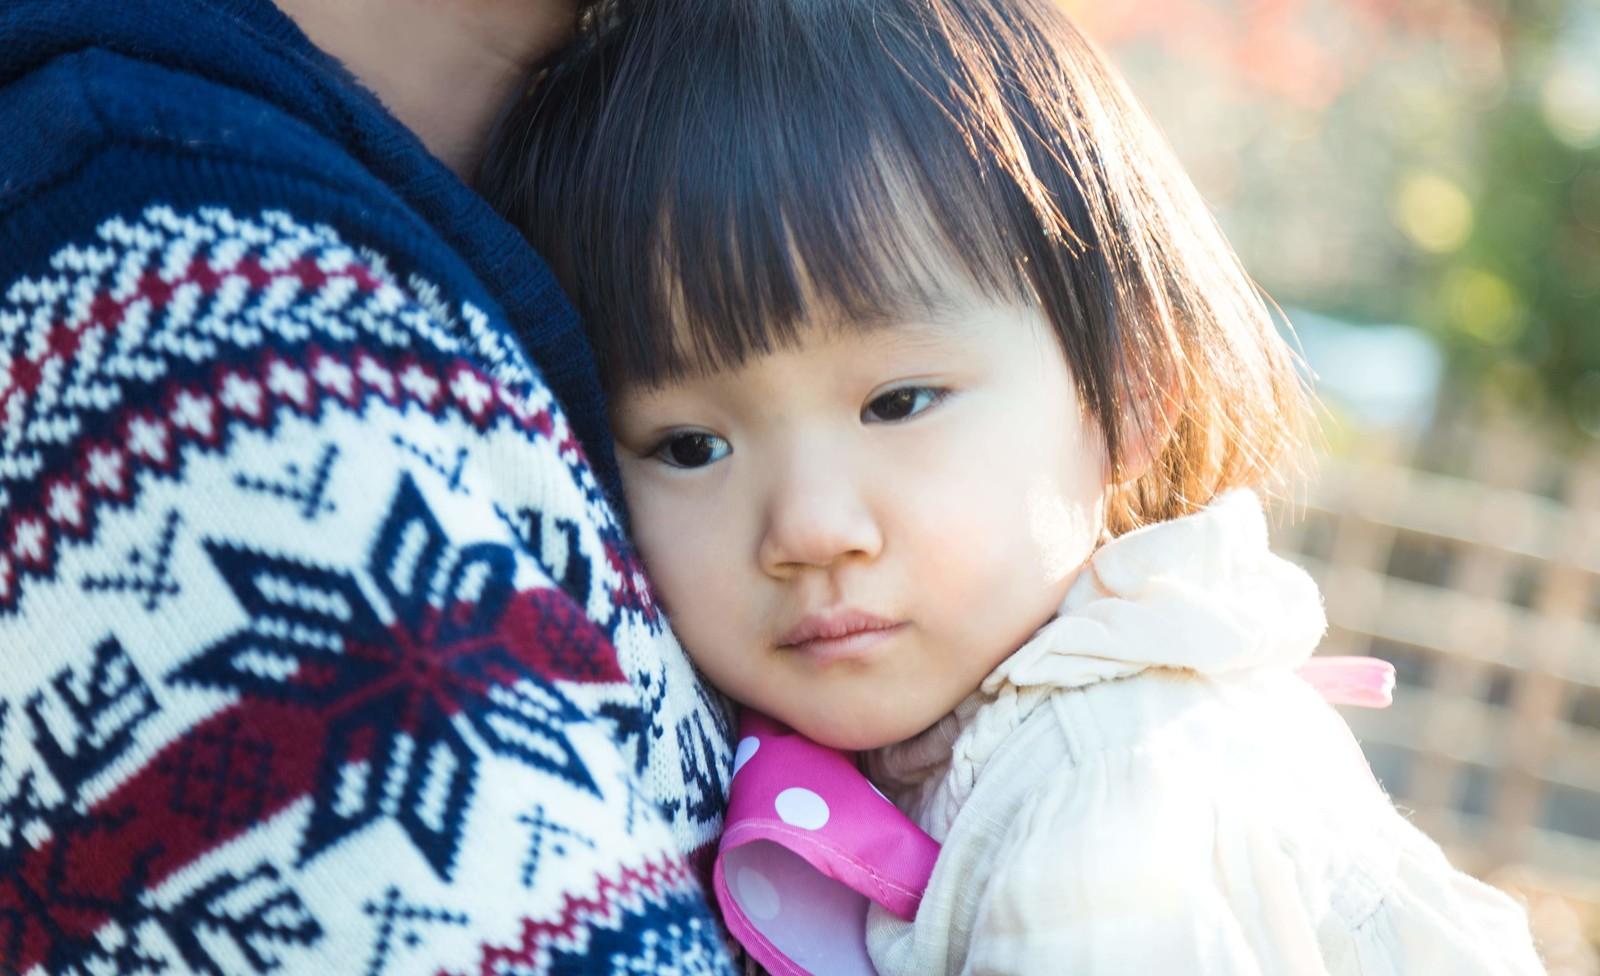 子育ては母親次第?父親・母親の役割にこだわる必要はない